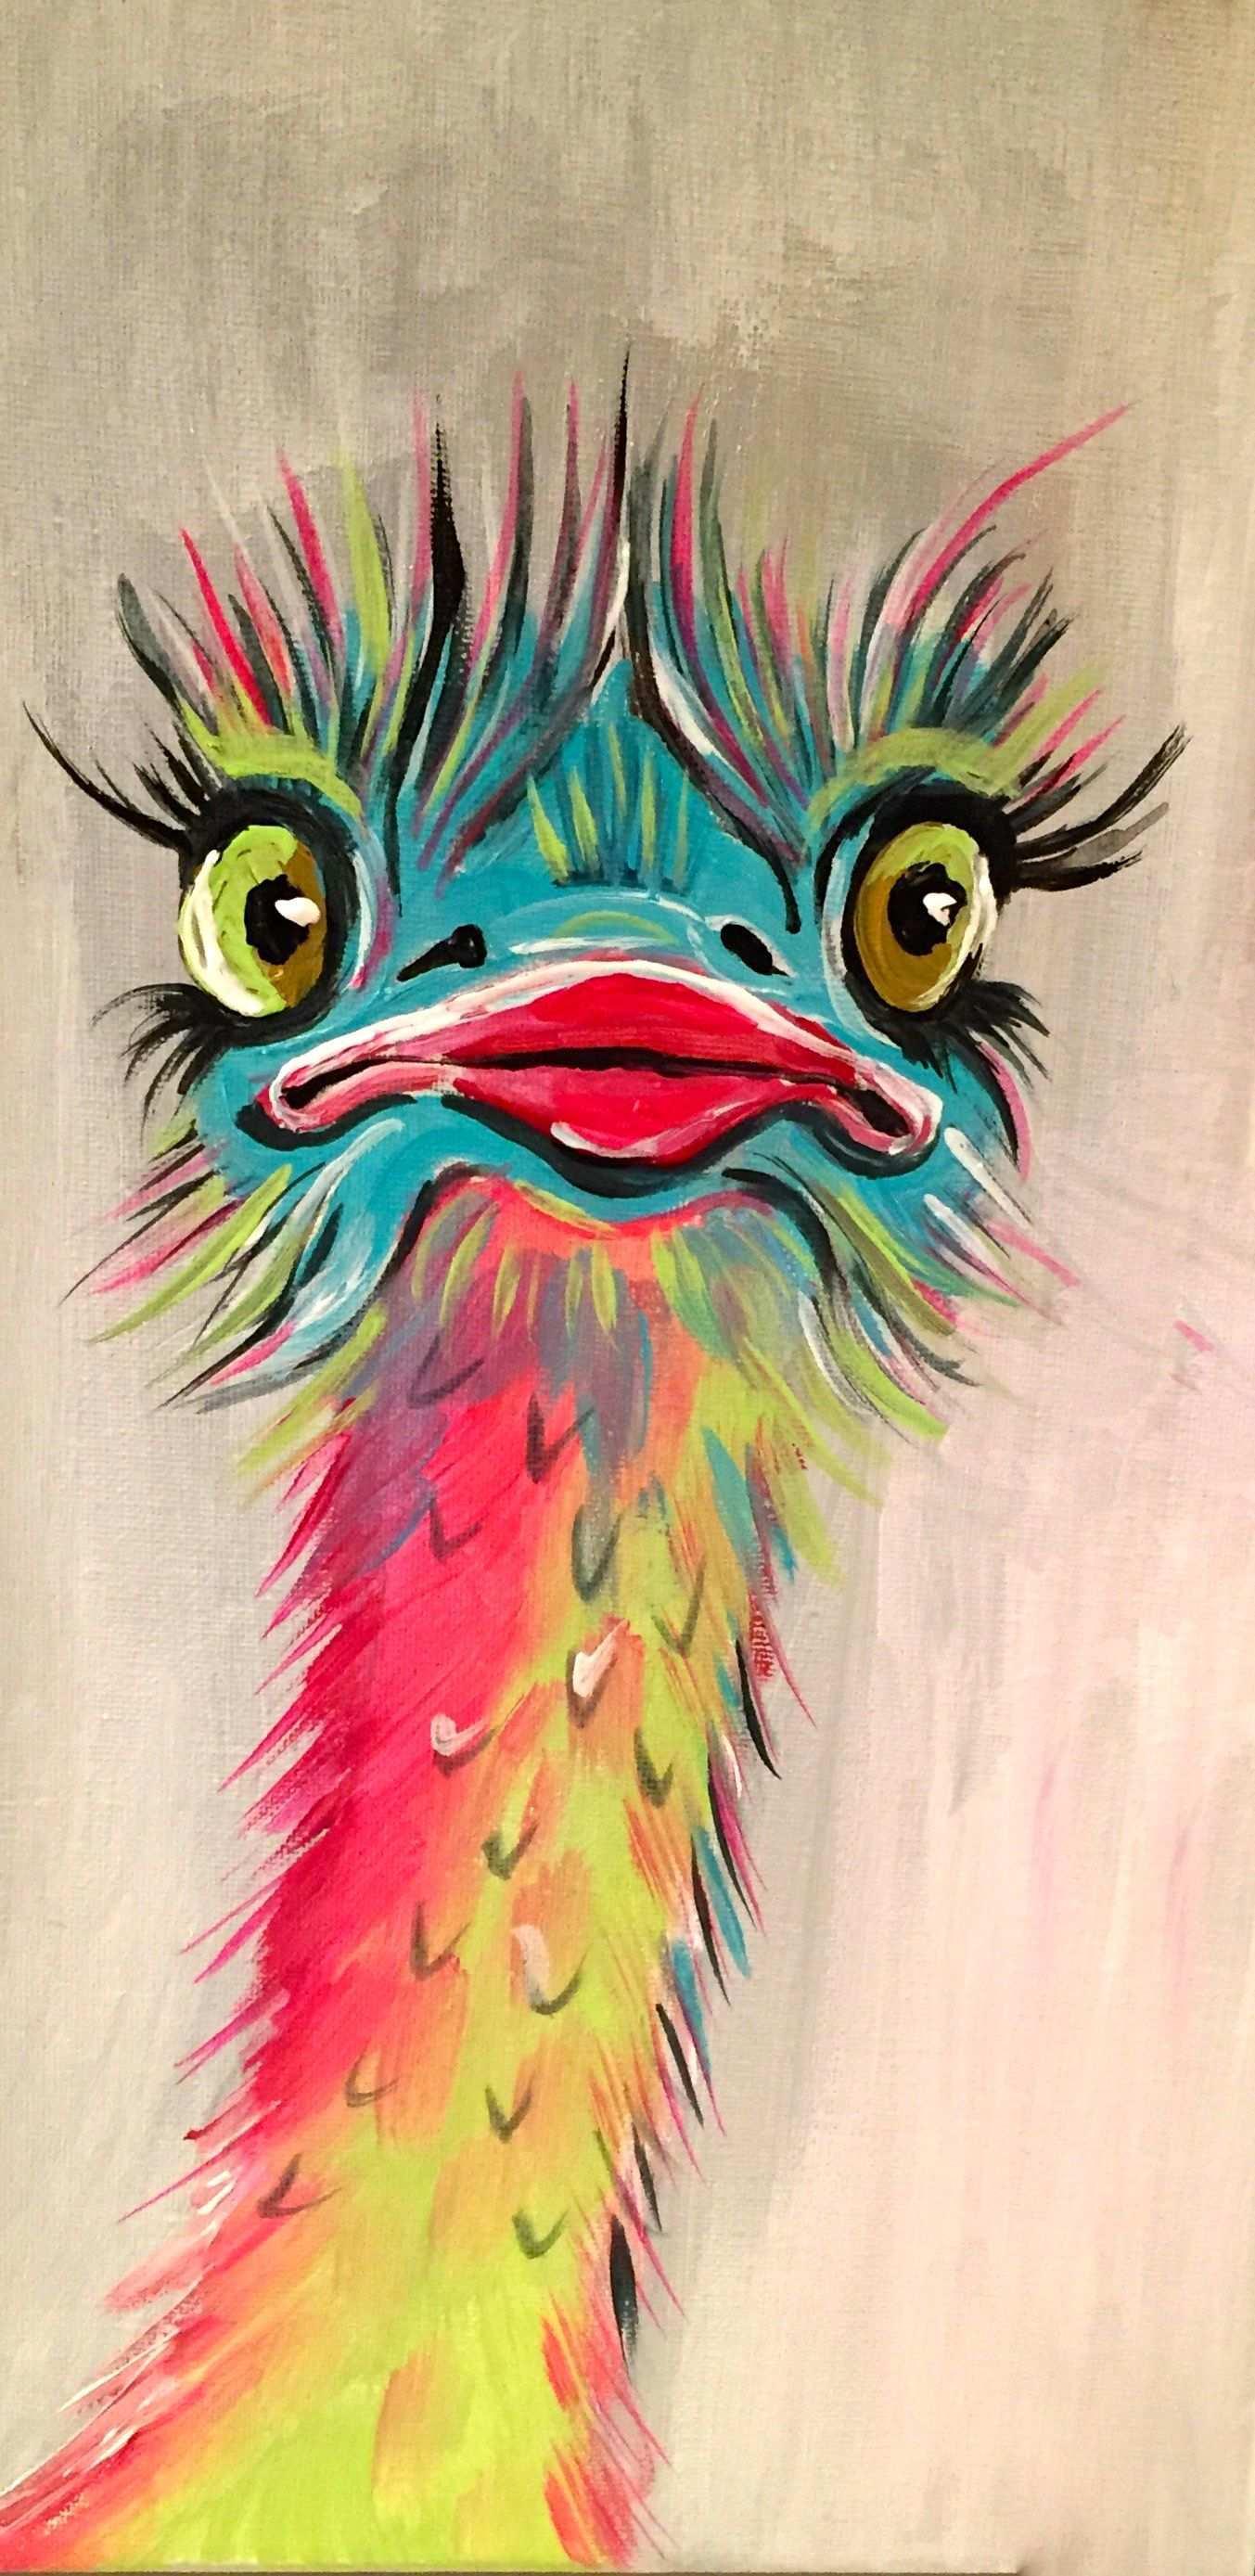 Claudia Weise Vogelstrauss Bunt Acryl 15 X 30zur Zeit Nicht Verfugbar Kunst Ideen Gemalde Auf Leinwand Leinwandgemalde